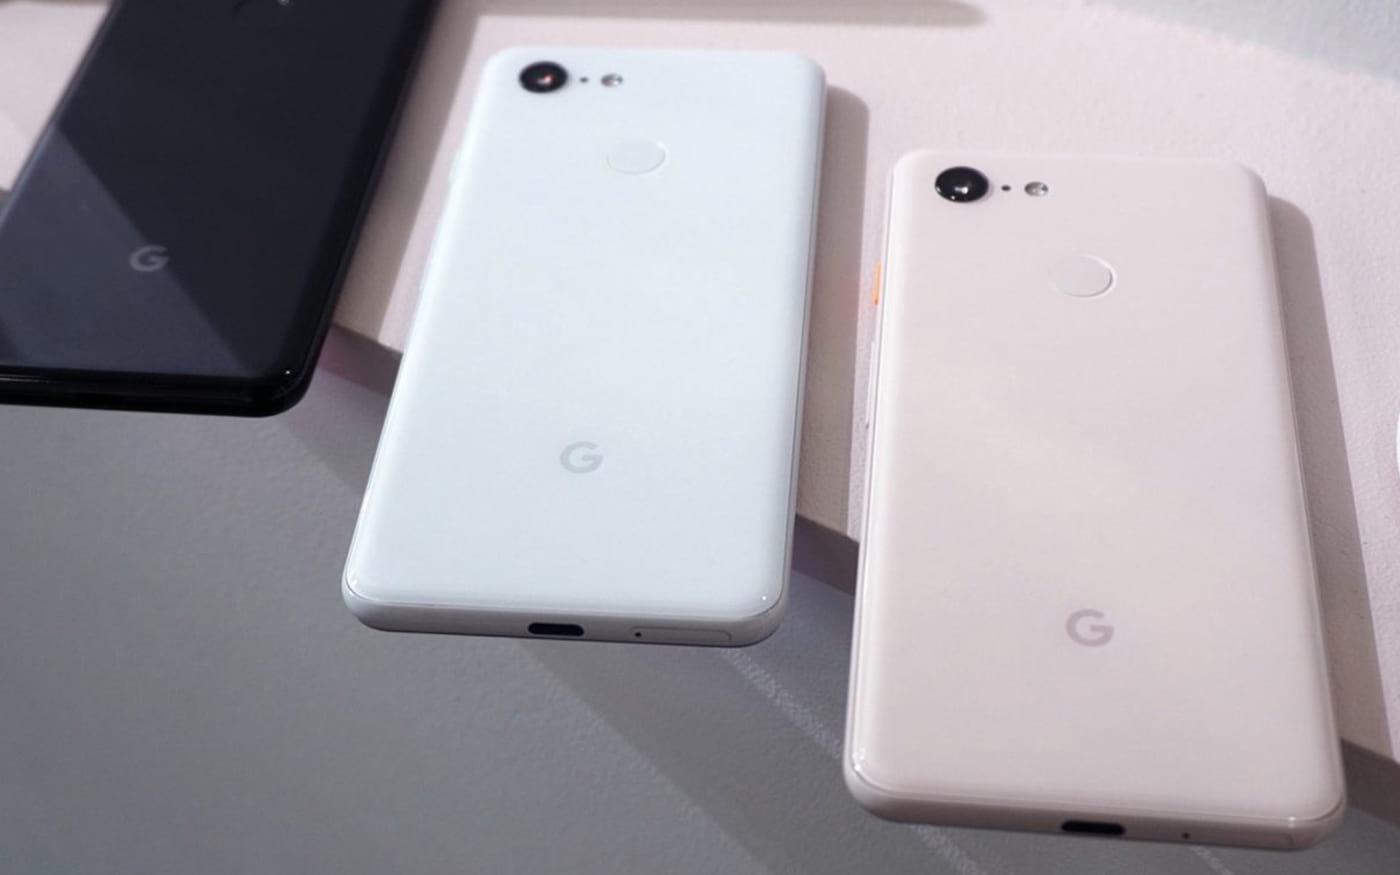 Google pagará US$ 1,5 milhão para quem conseguir burlar sistema de segurança do Pixel 3